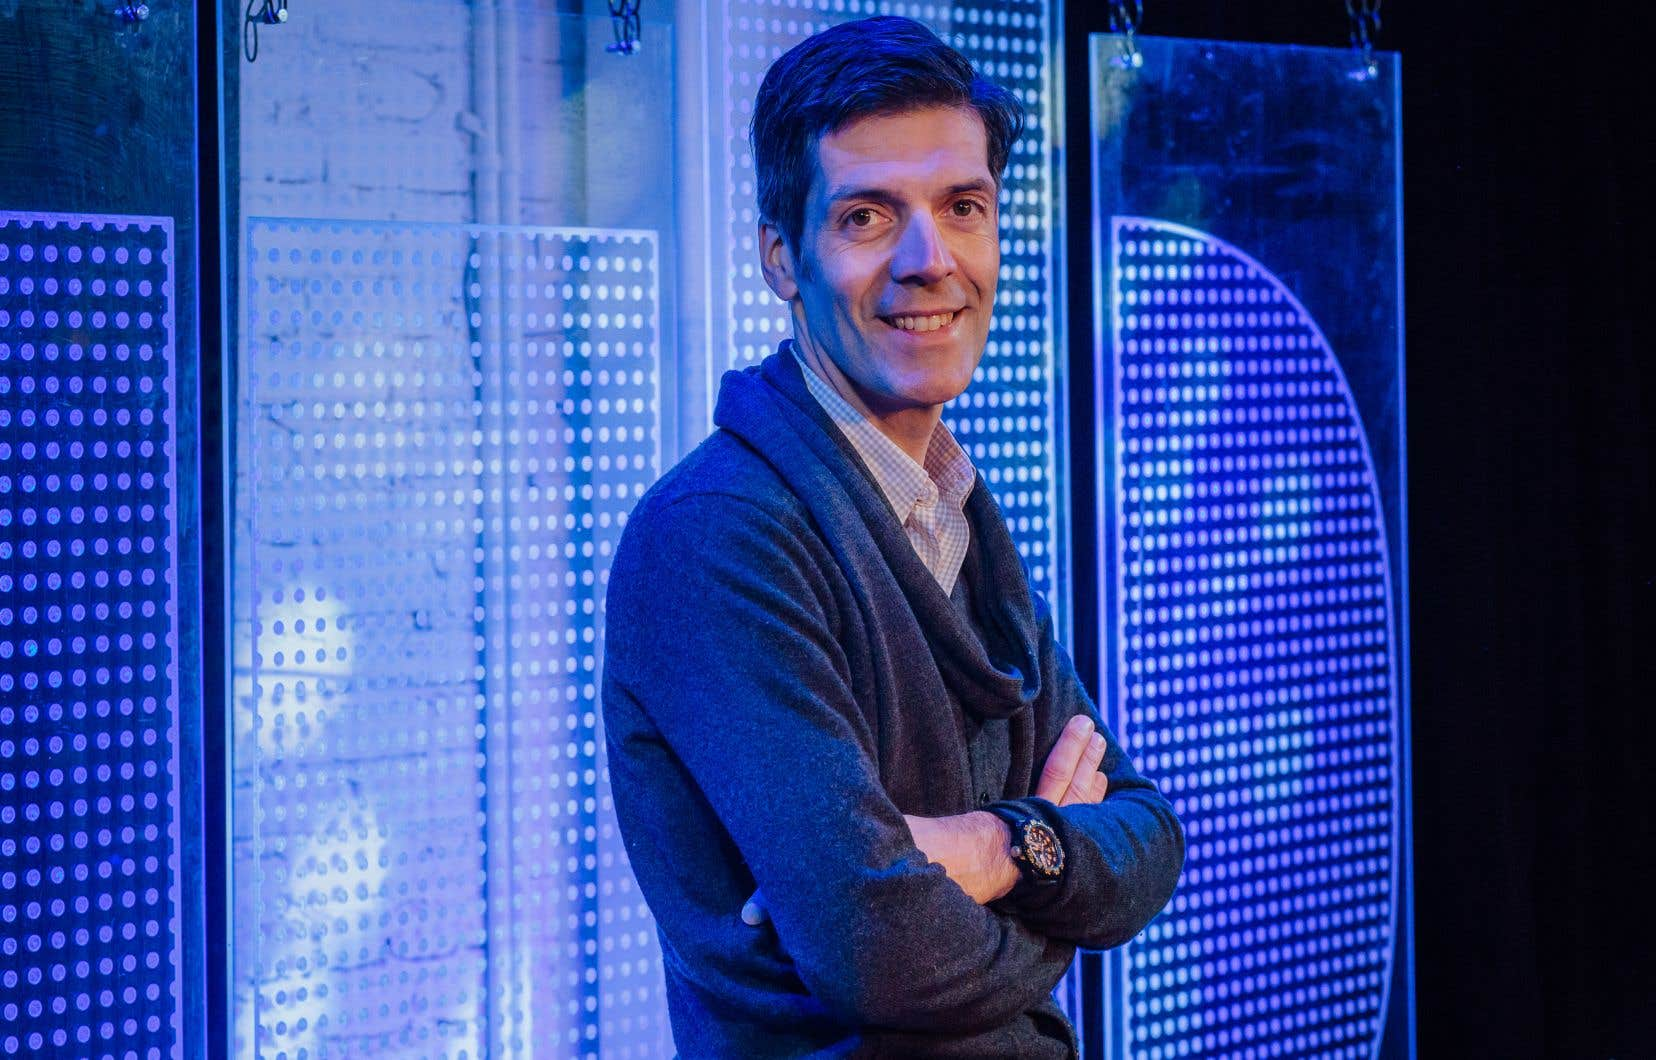 Le fondateur de M pour Montréal, Sébastien Nasra, fait le pari que les vitrines musicales demeurent nécessaires et que les professionnels seront au rendez-vous, même sur le Web.